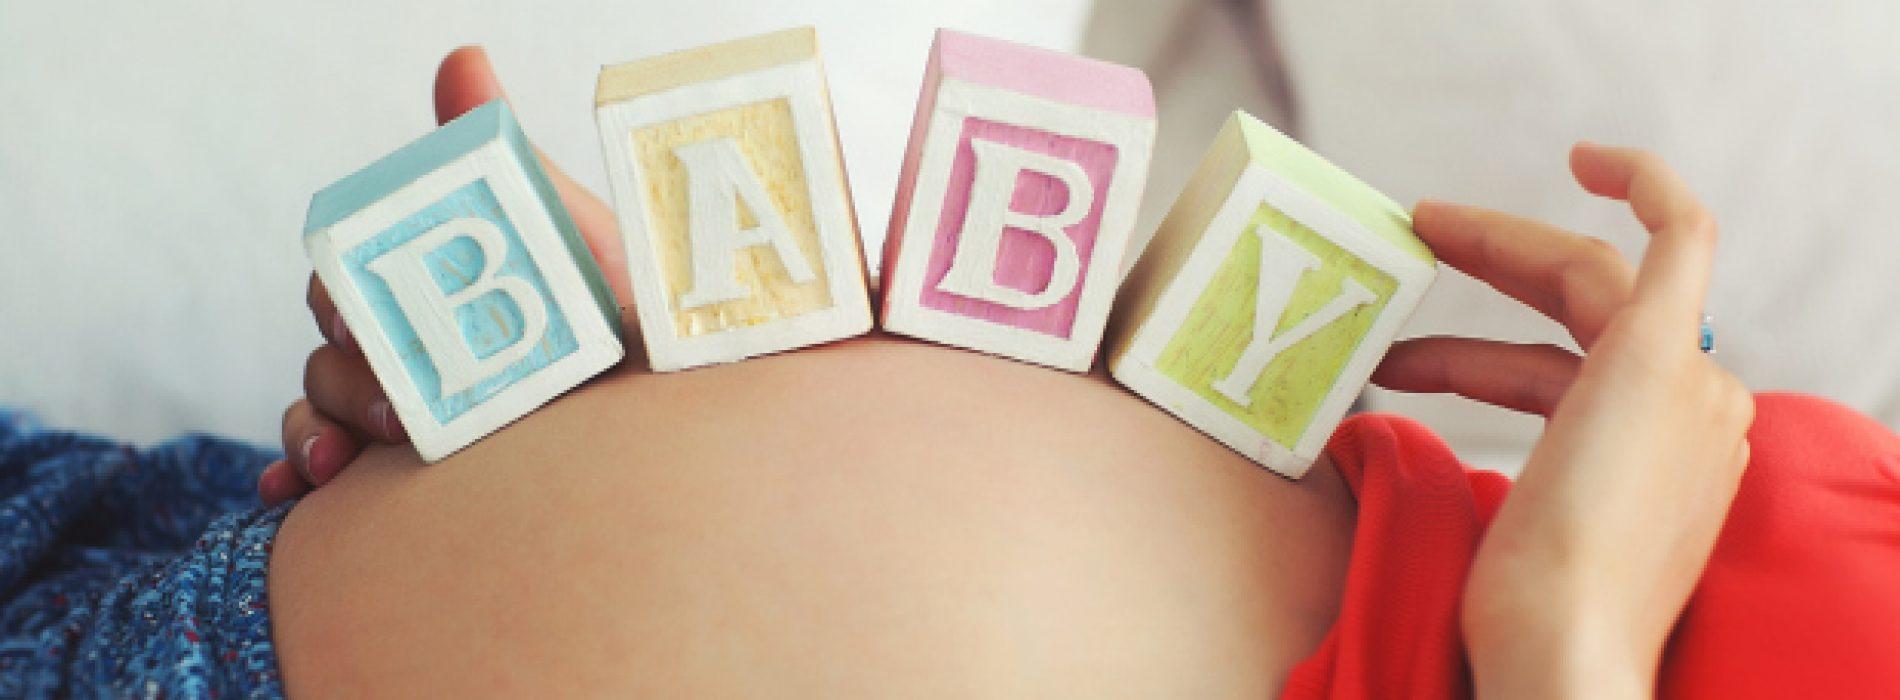 準媽媽好消息 – 又一大型機構調整產假<Shell7月起增加至16周產假>